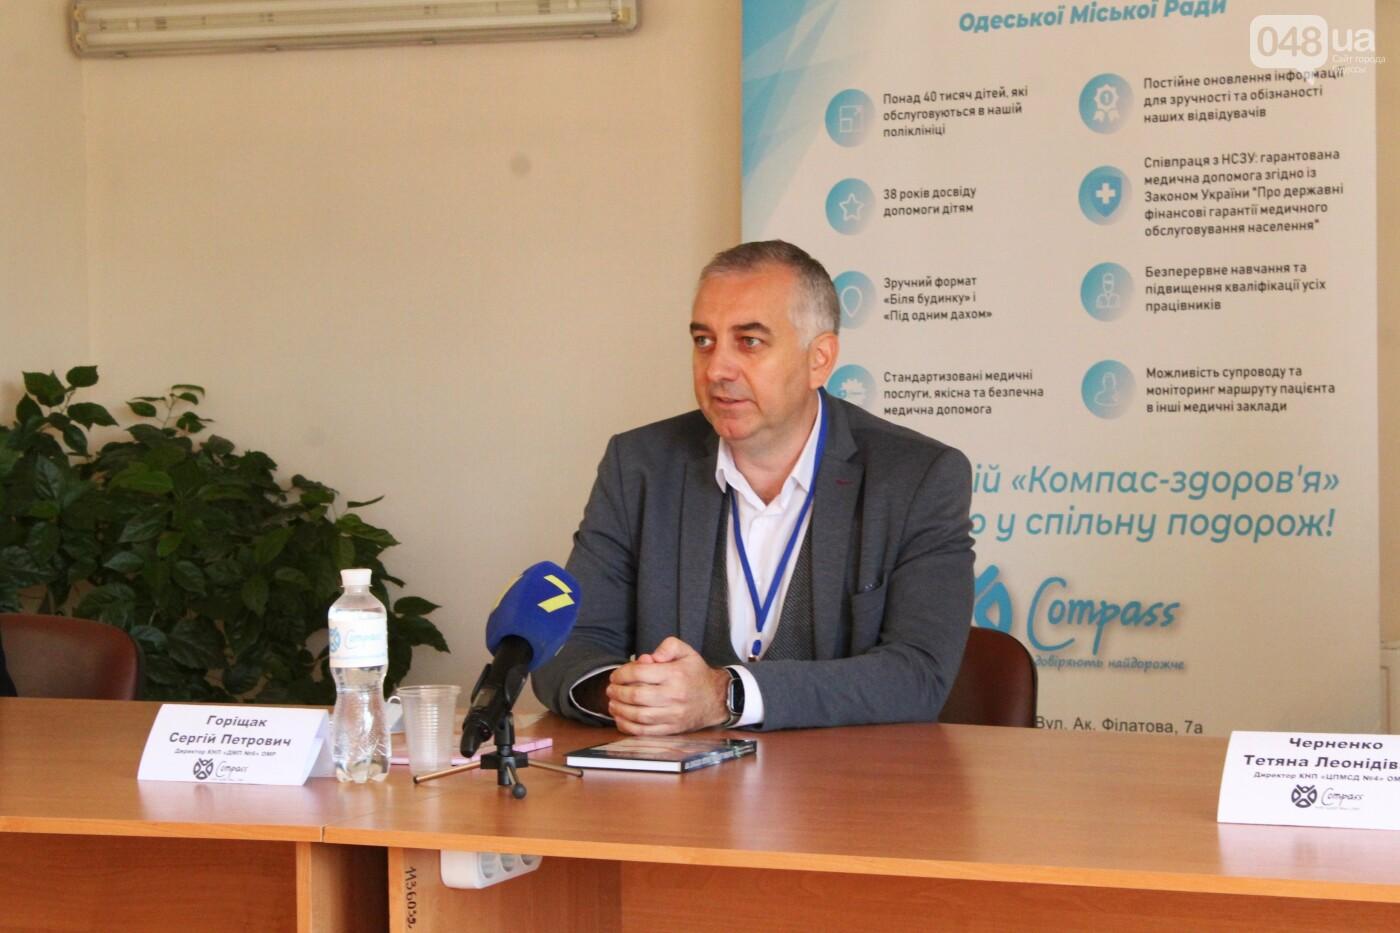 Как в Одессе хотят помочь детям с хроническими заболеваниями, - ФОТО, фото-1